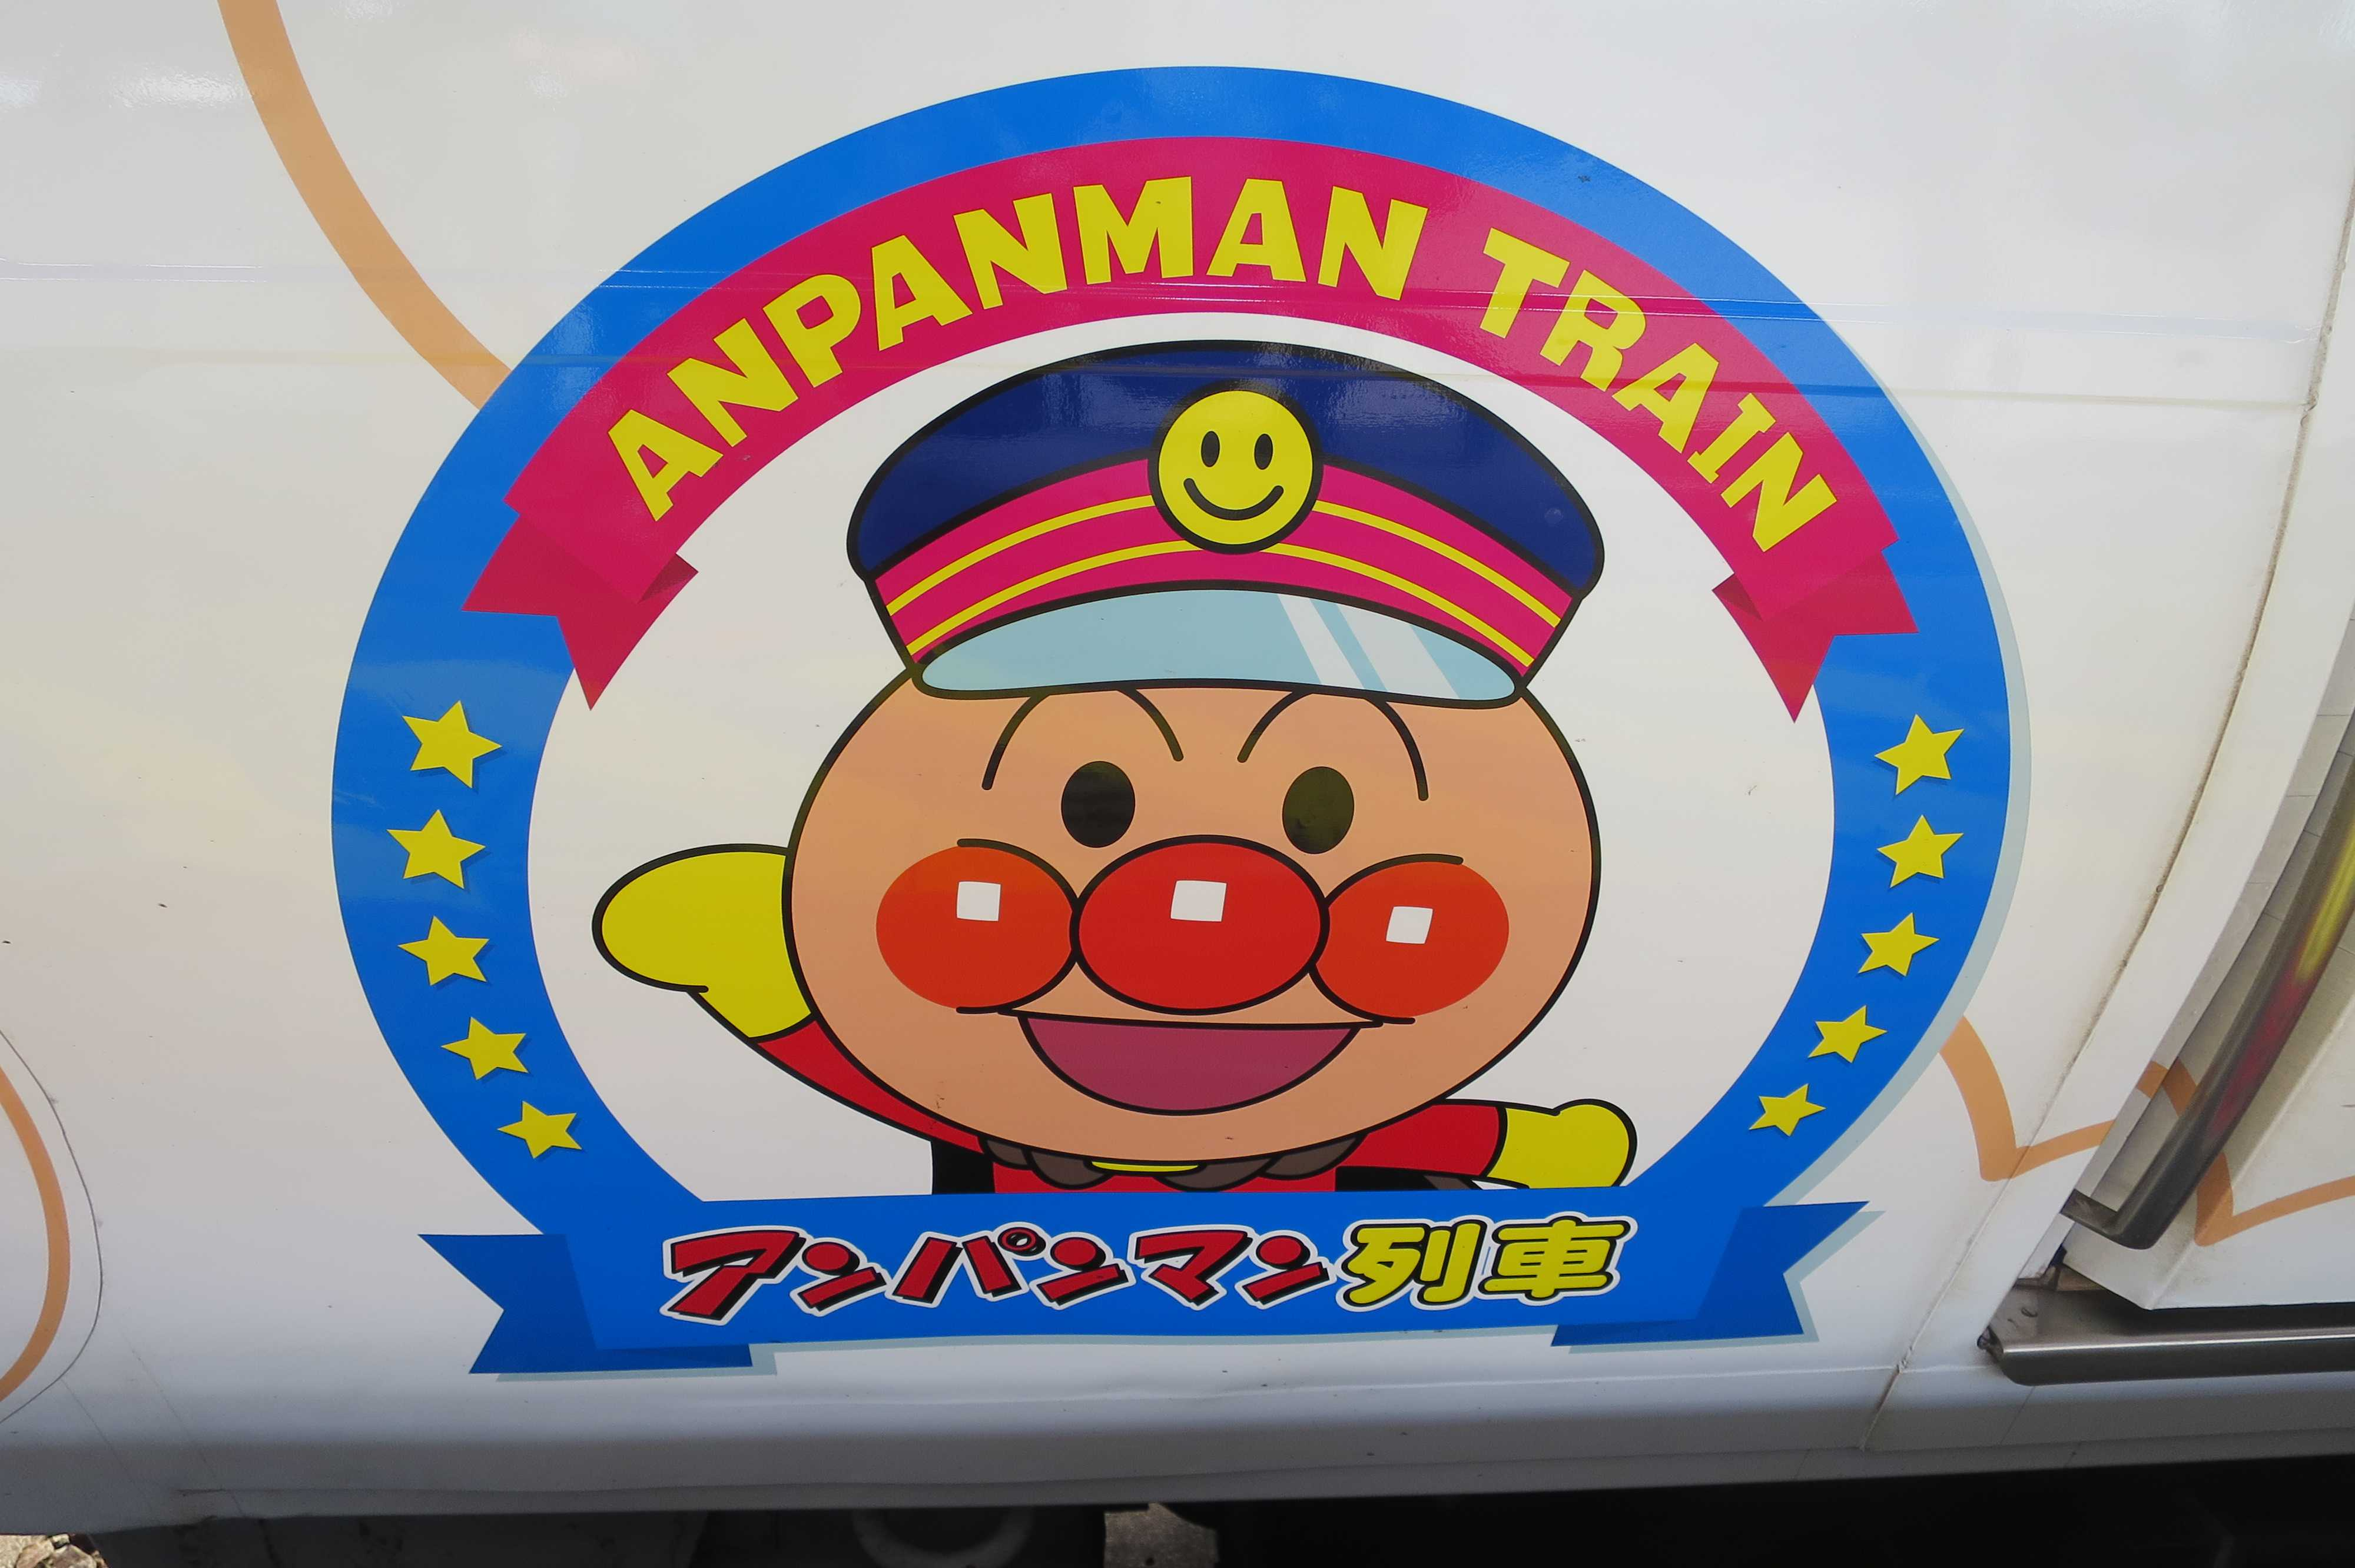 ANPANMAN TRAIN - アンパンマン列車